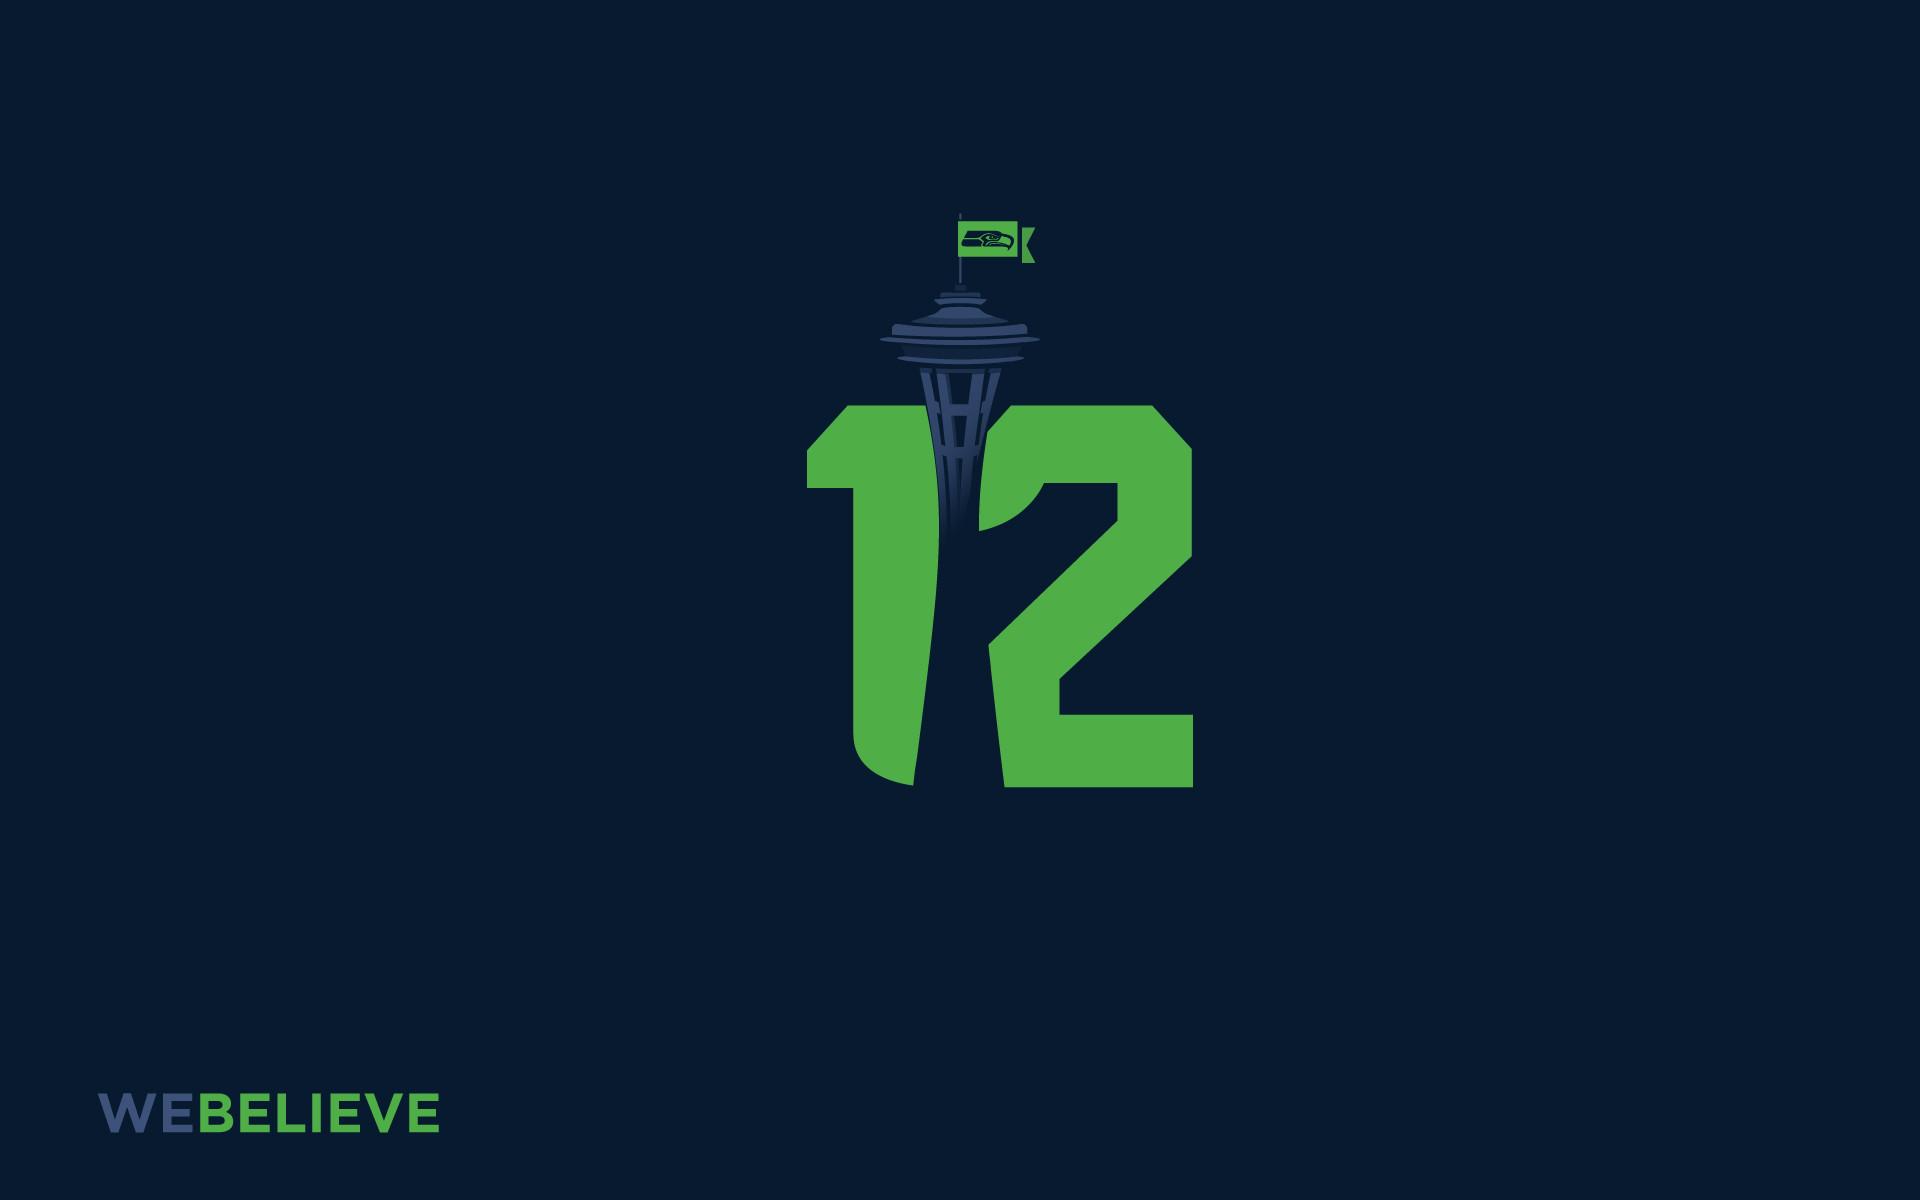 1920x1080 Seattle Seahawks Wallpaper 55978